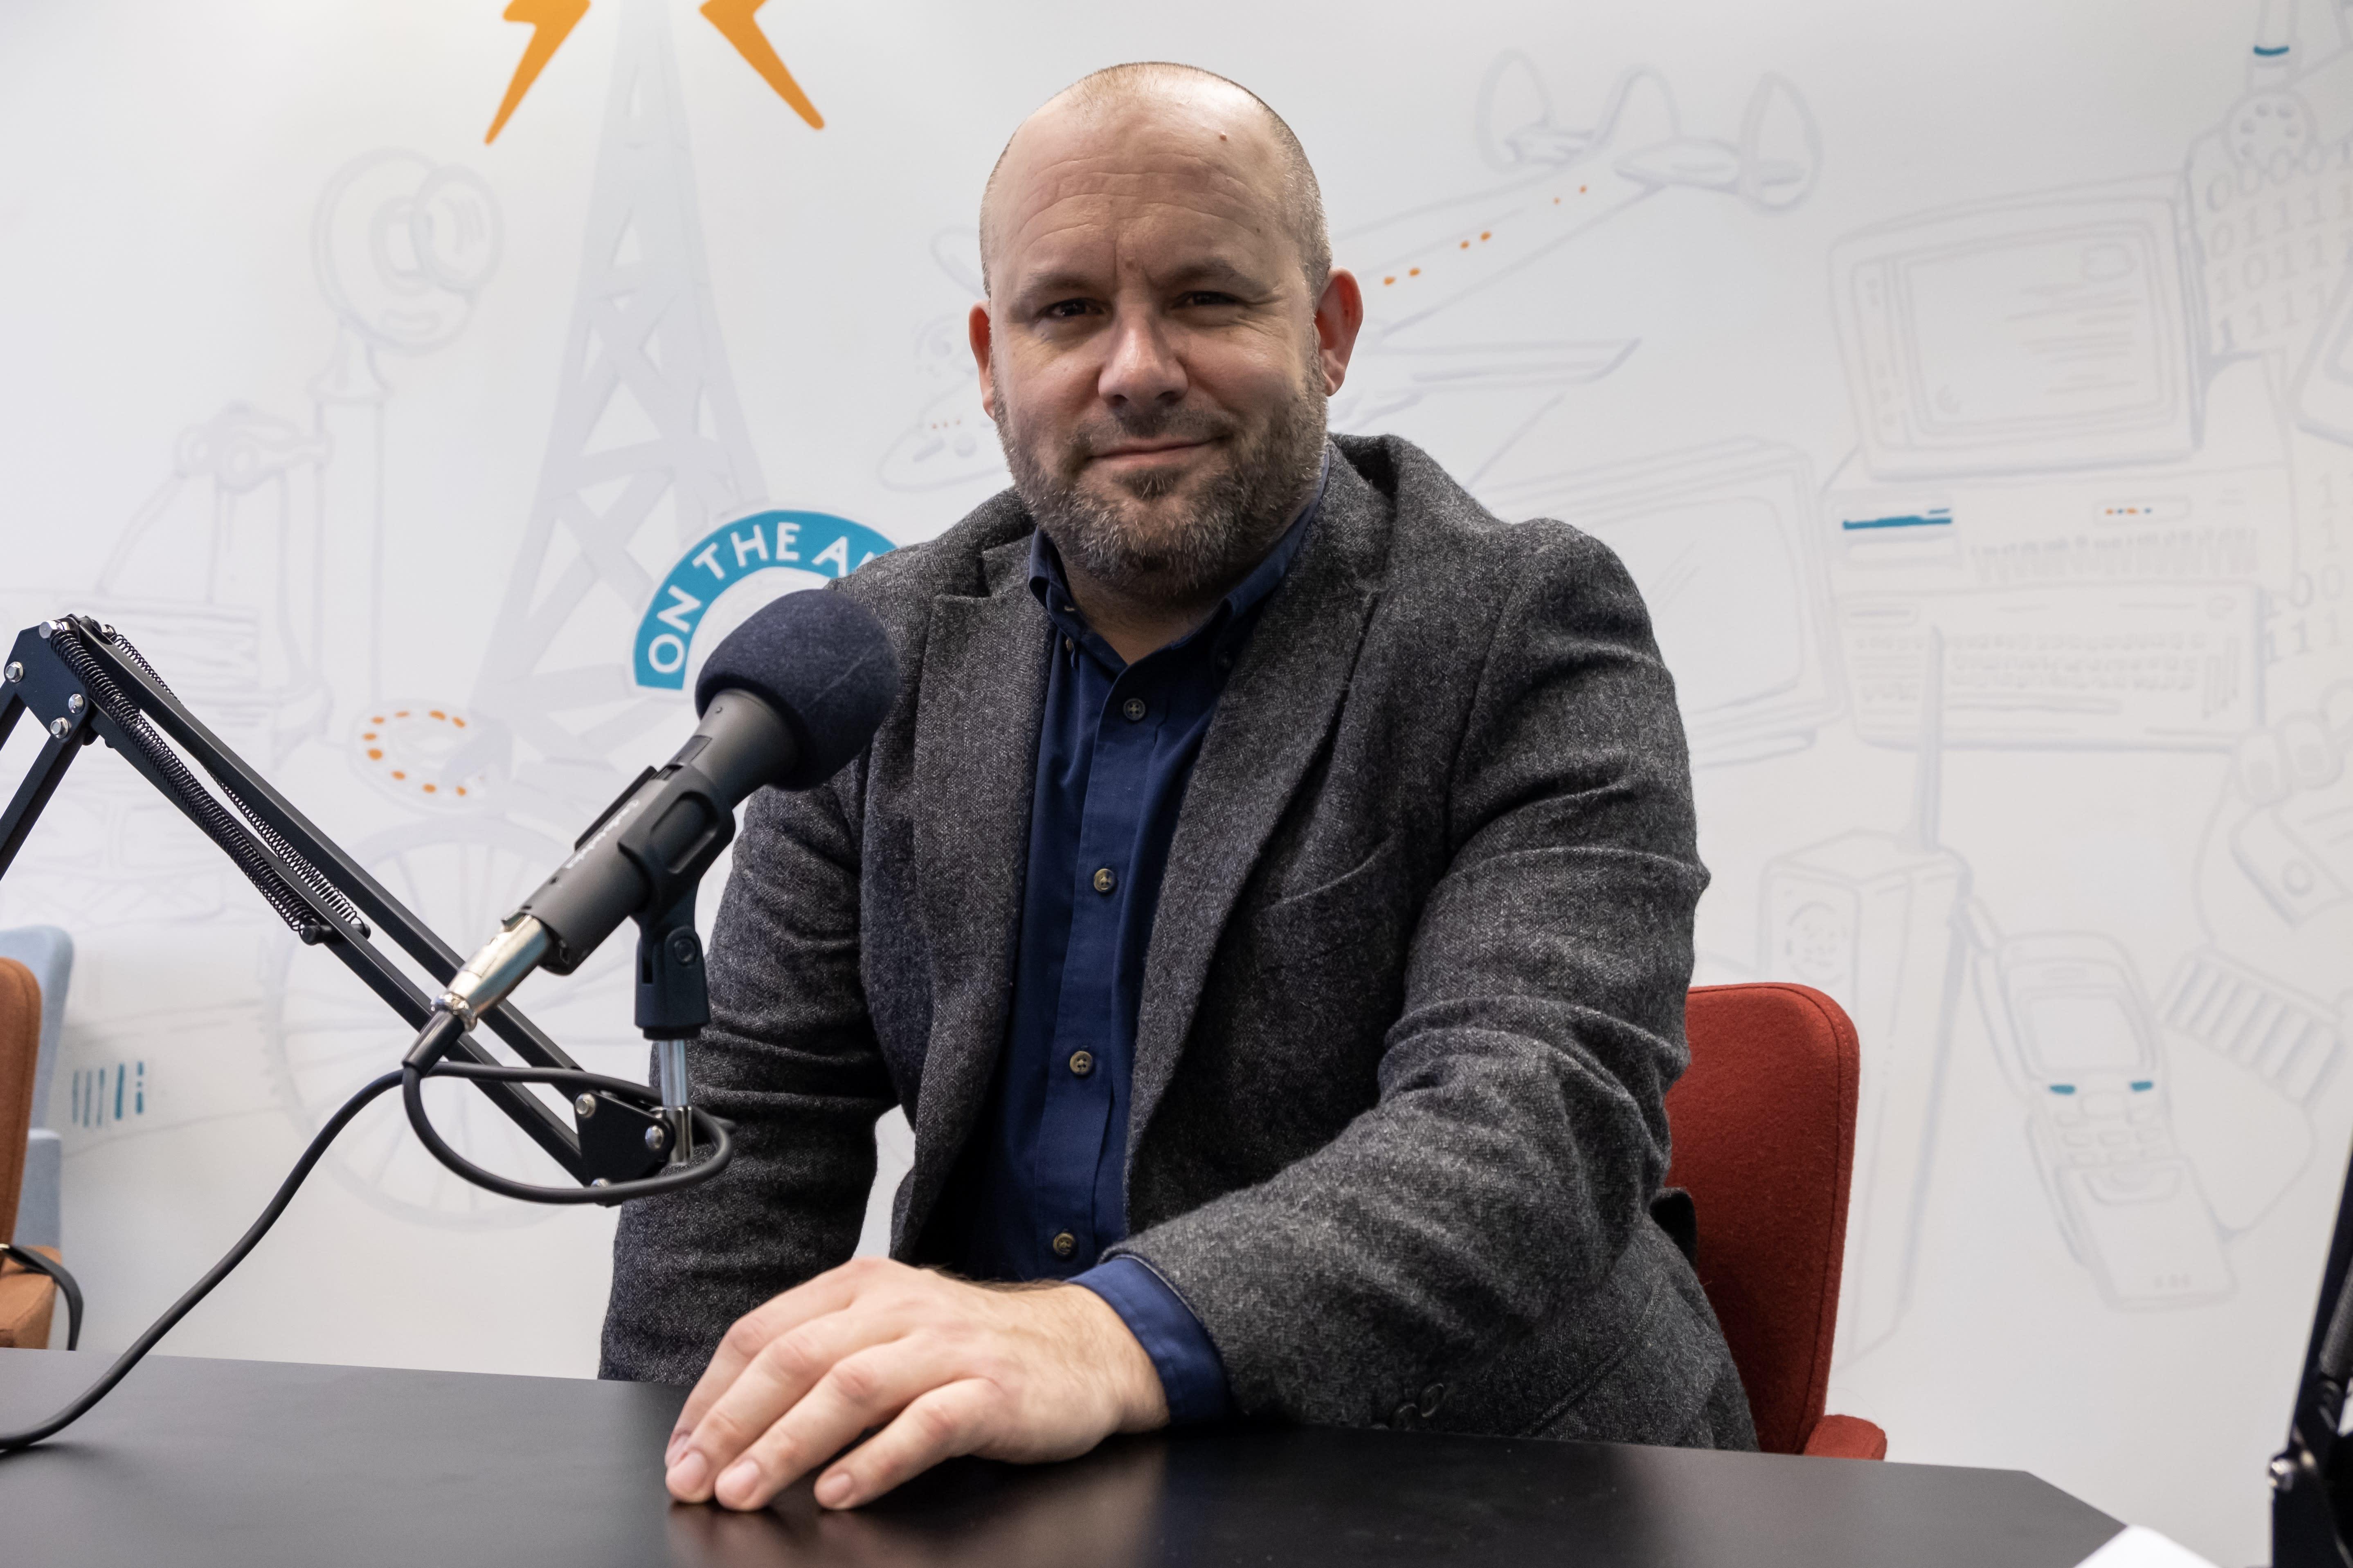 James White am Mikrofon